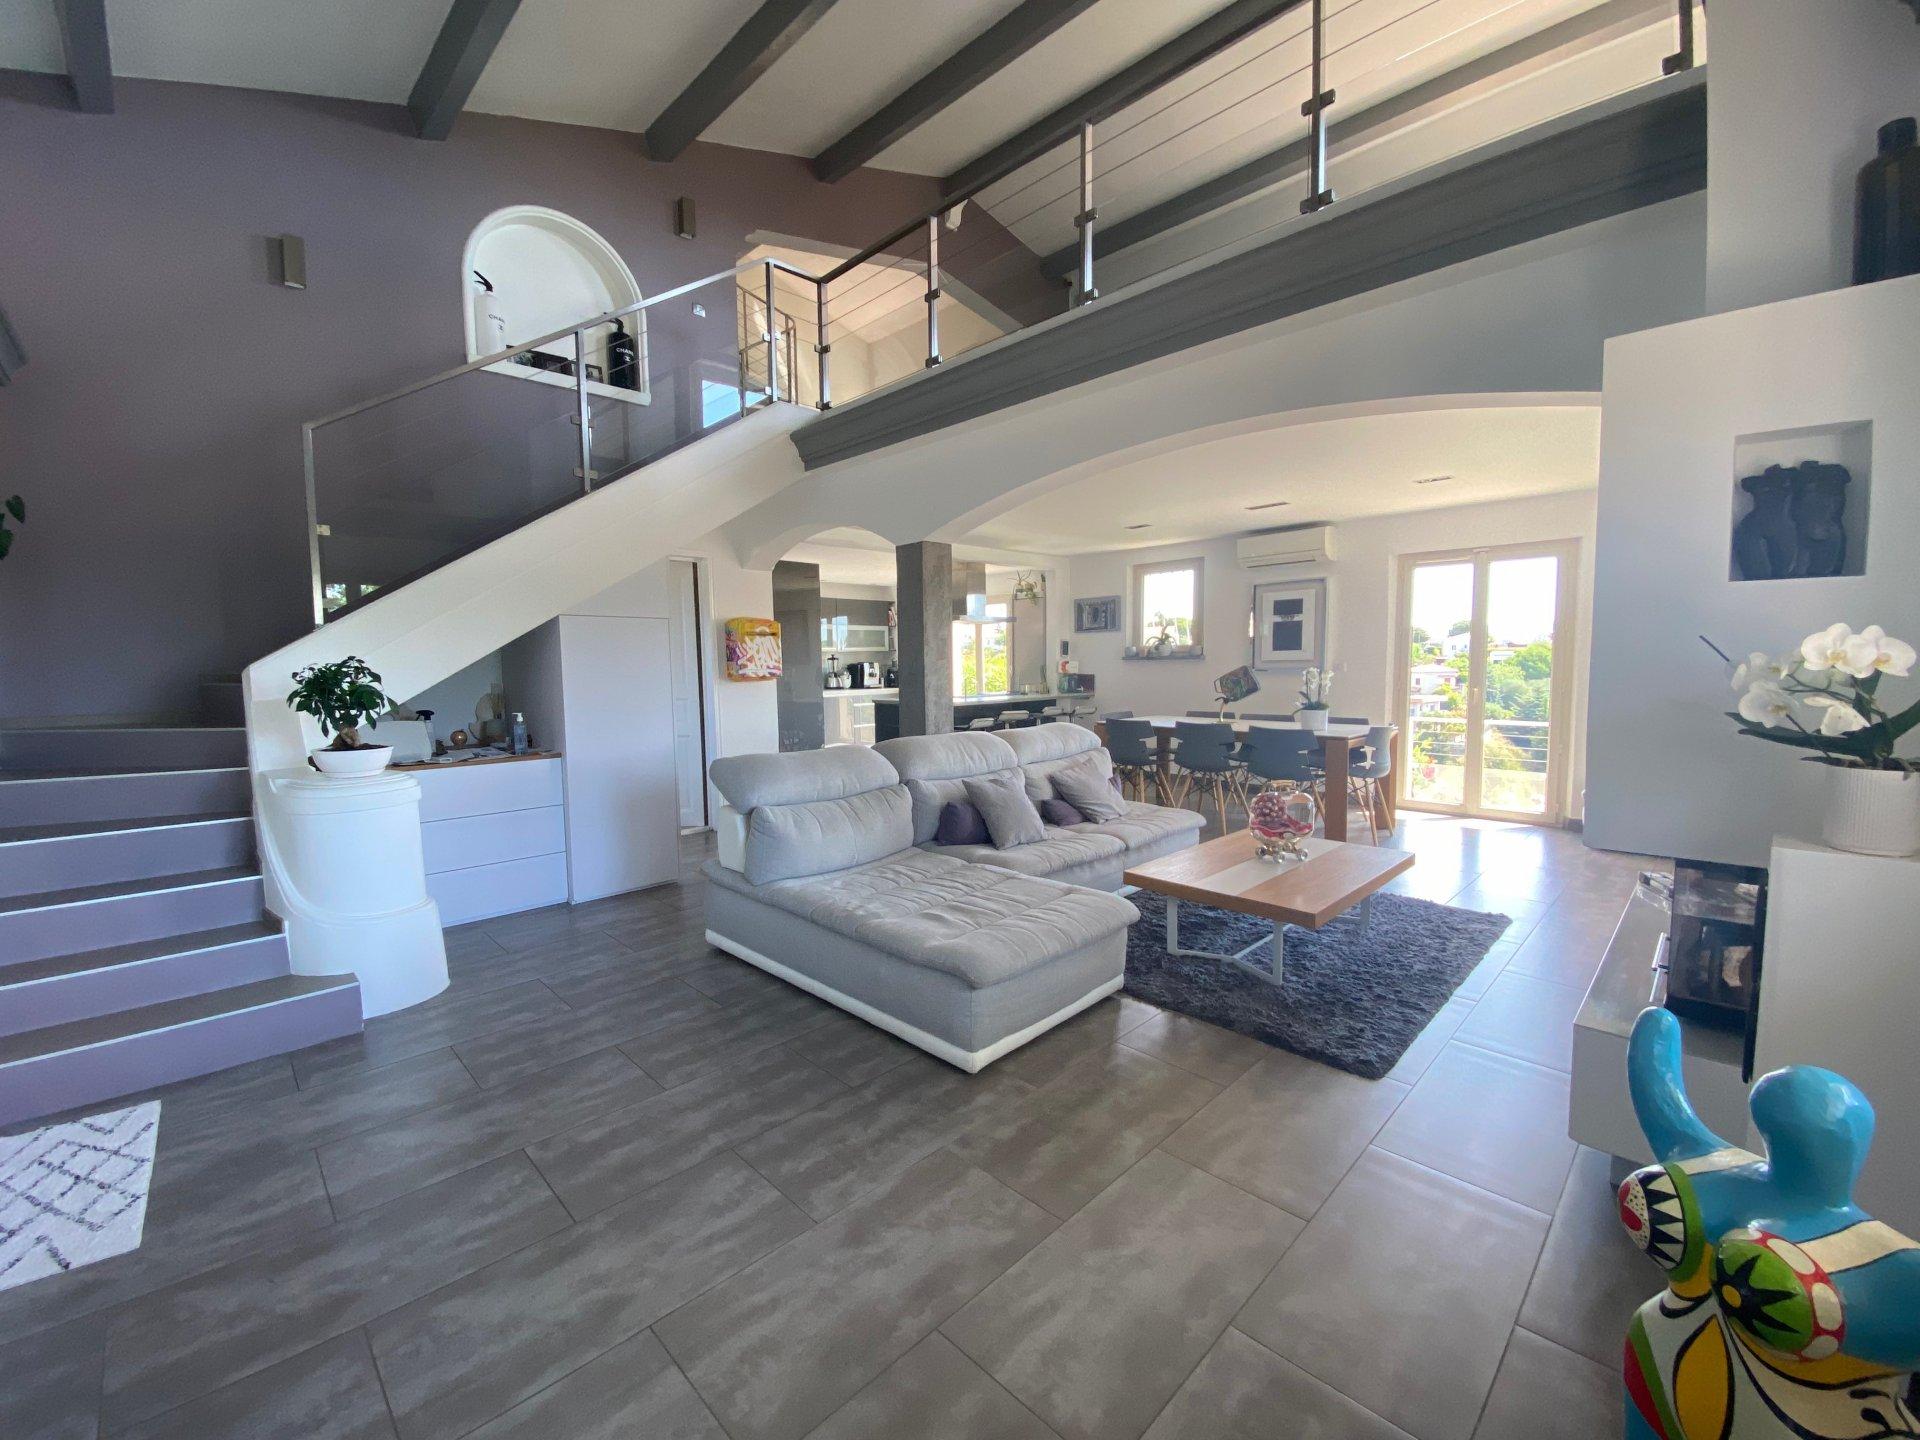 Försäljning Hus - Saint-Laurent-du-Var Corniche Fahnestock